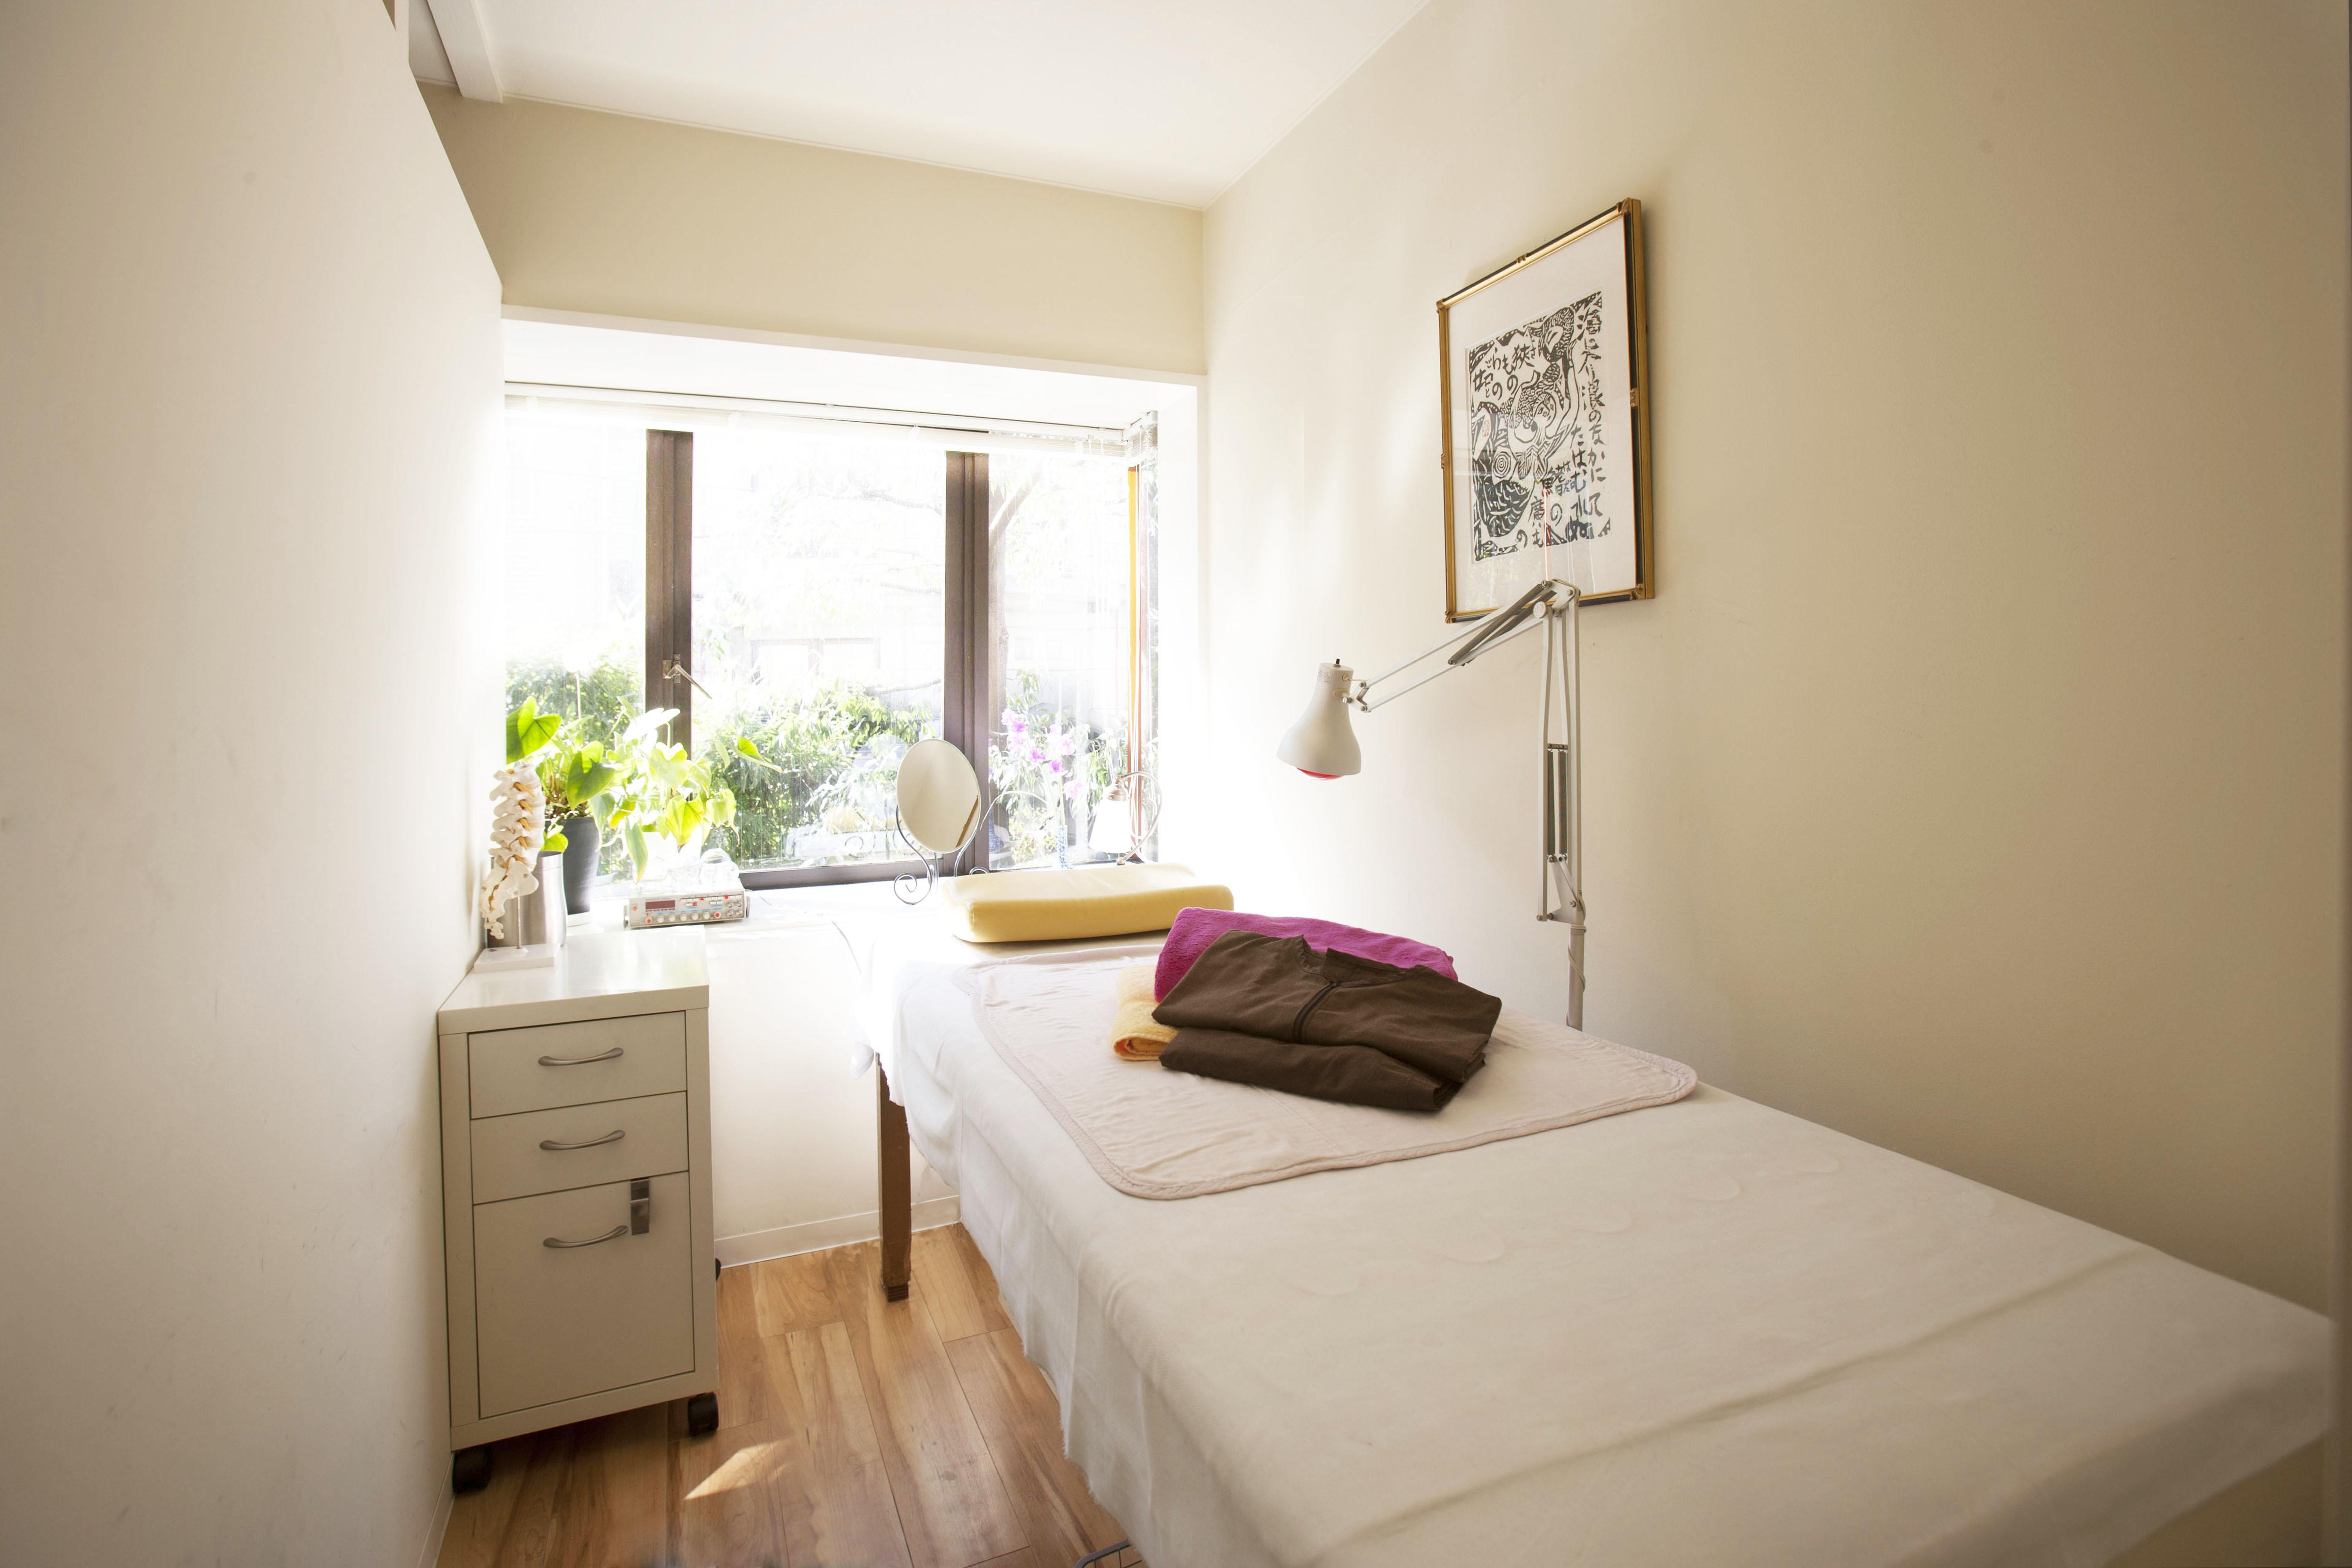 鍼灸サロン サロン スペースの室内の写真